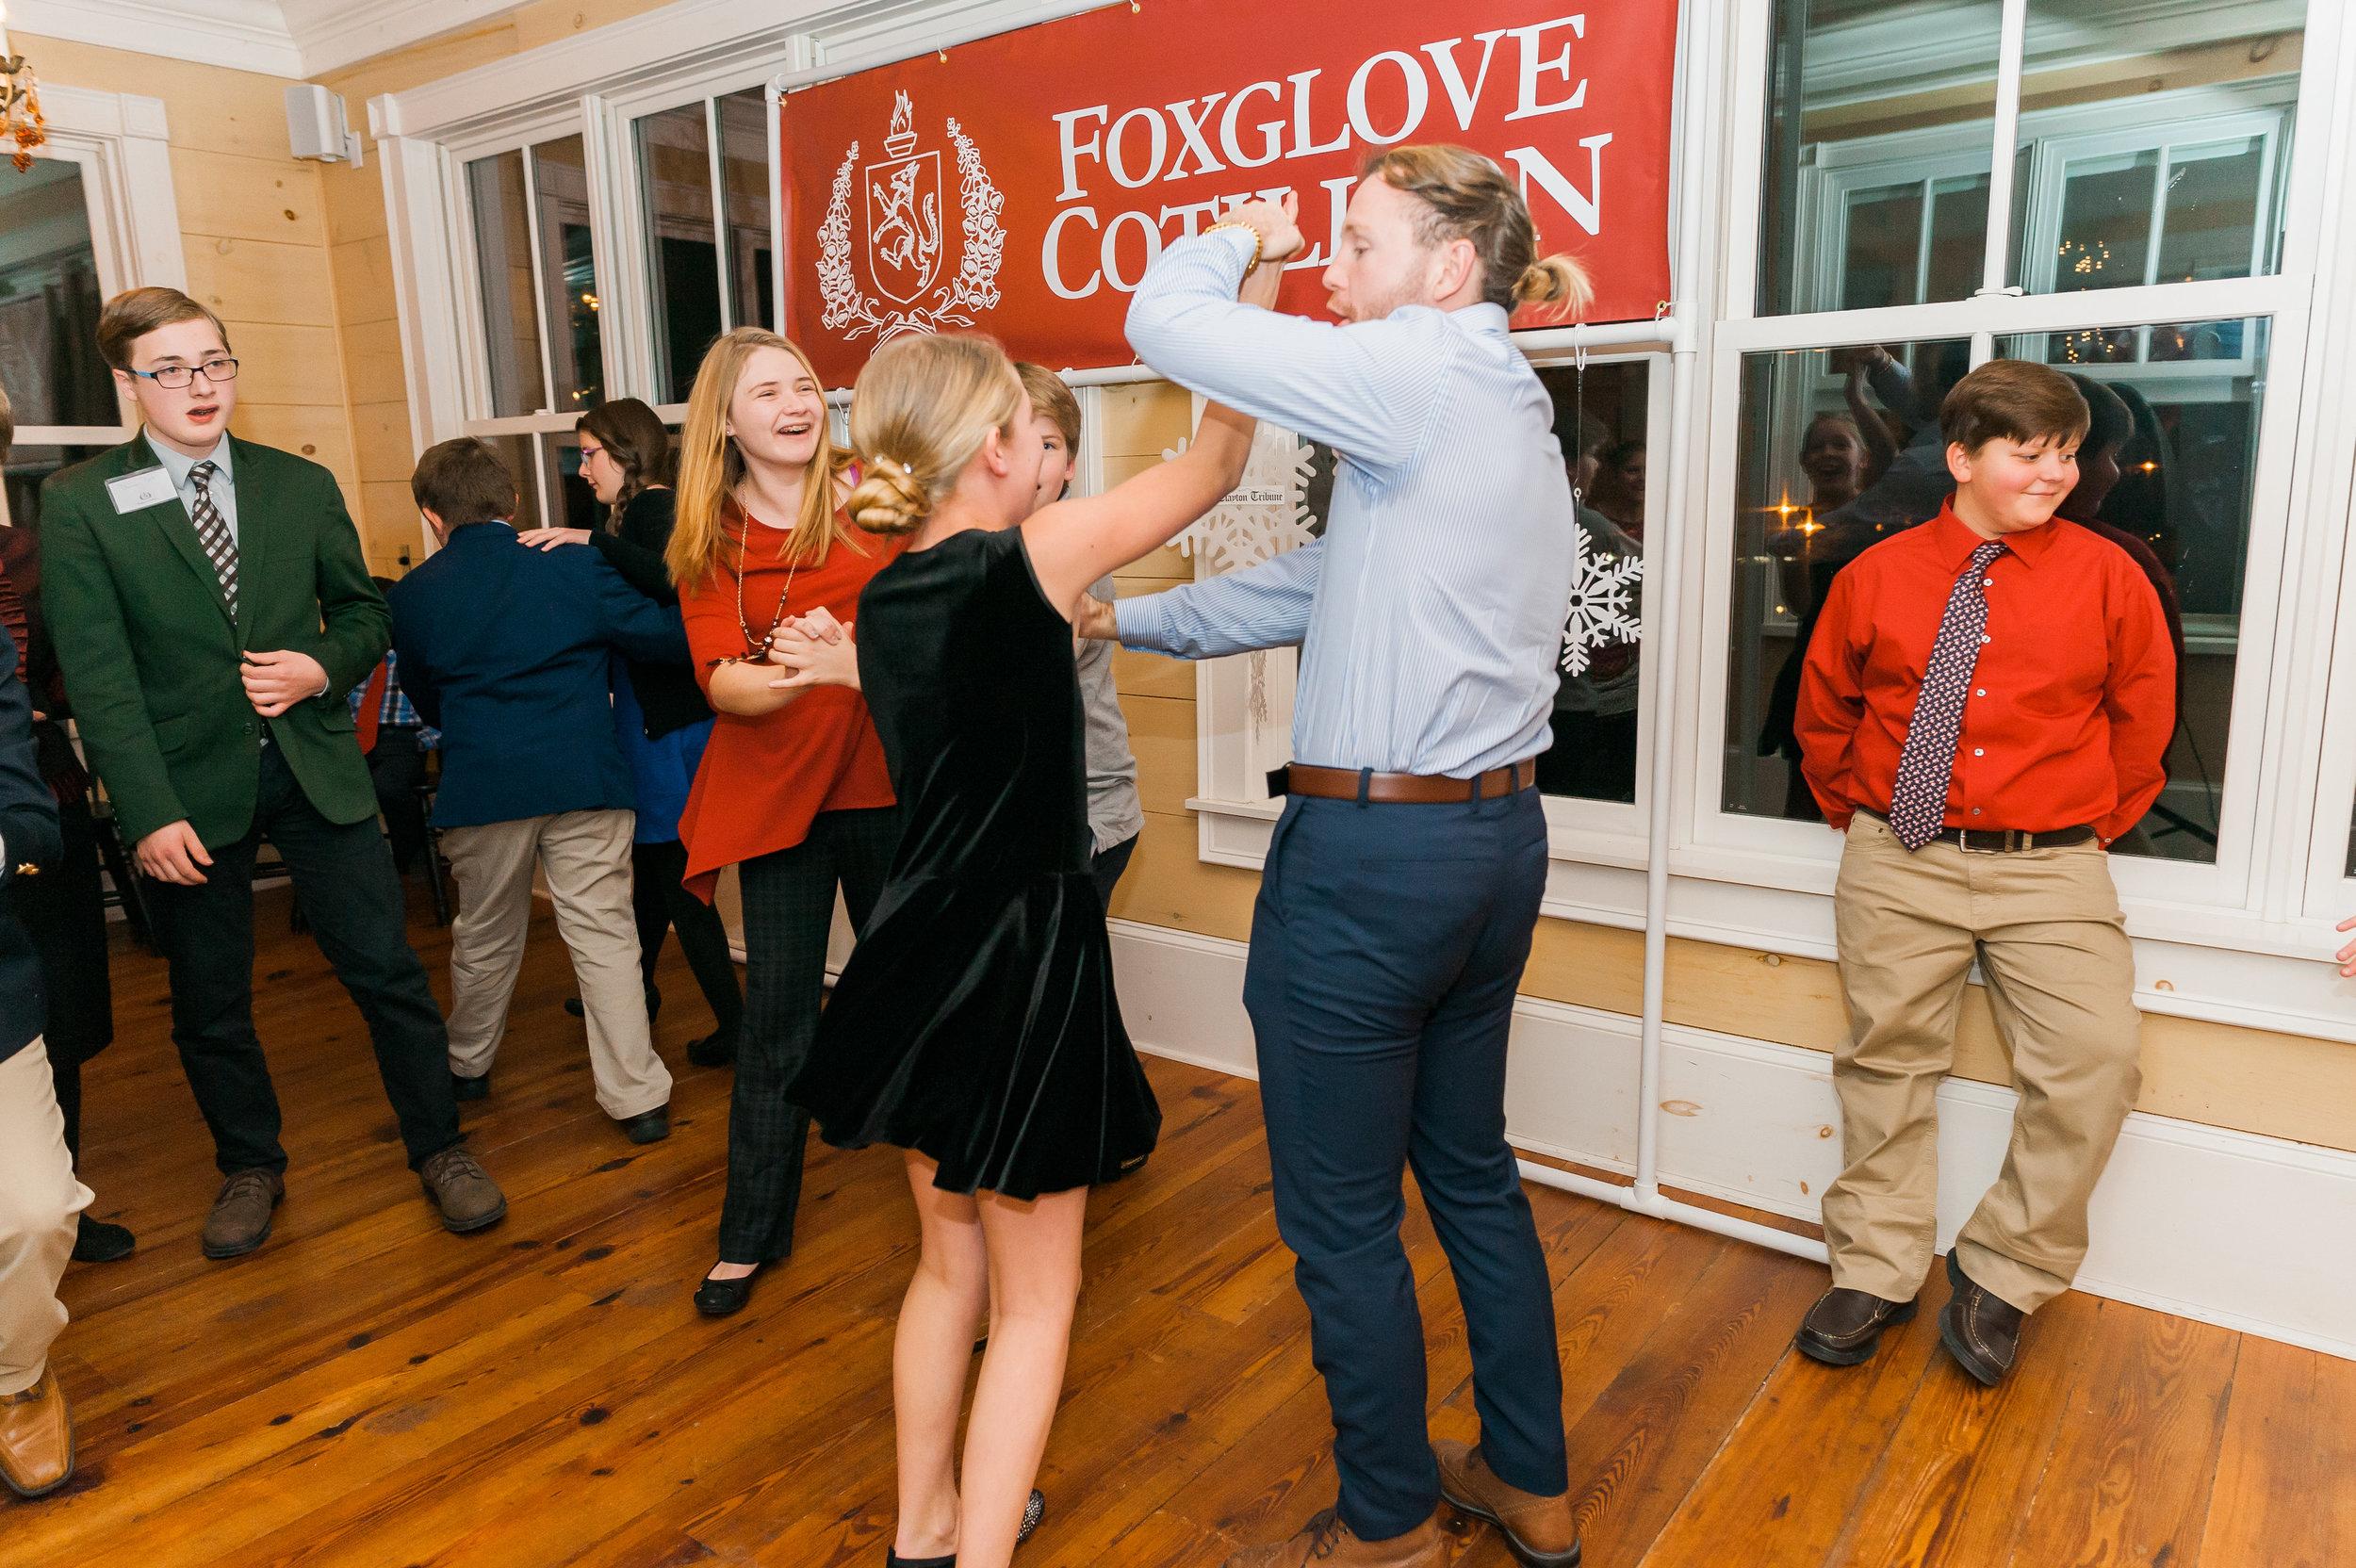 Foxglove Cotillion  Gallery-0154.jpg